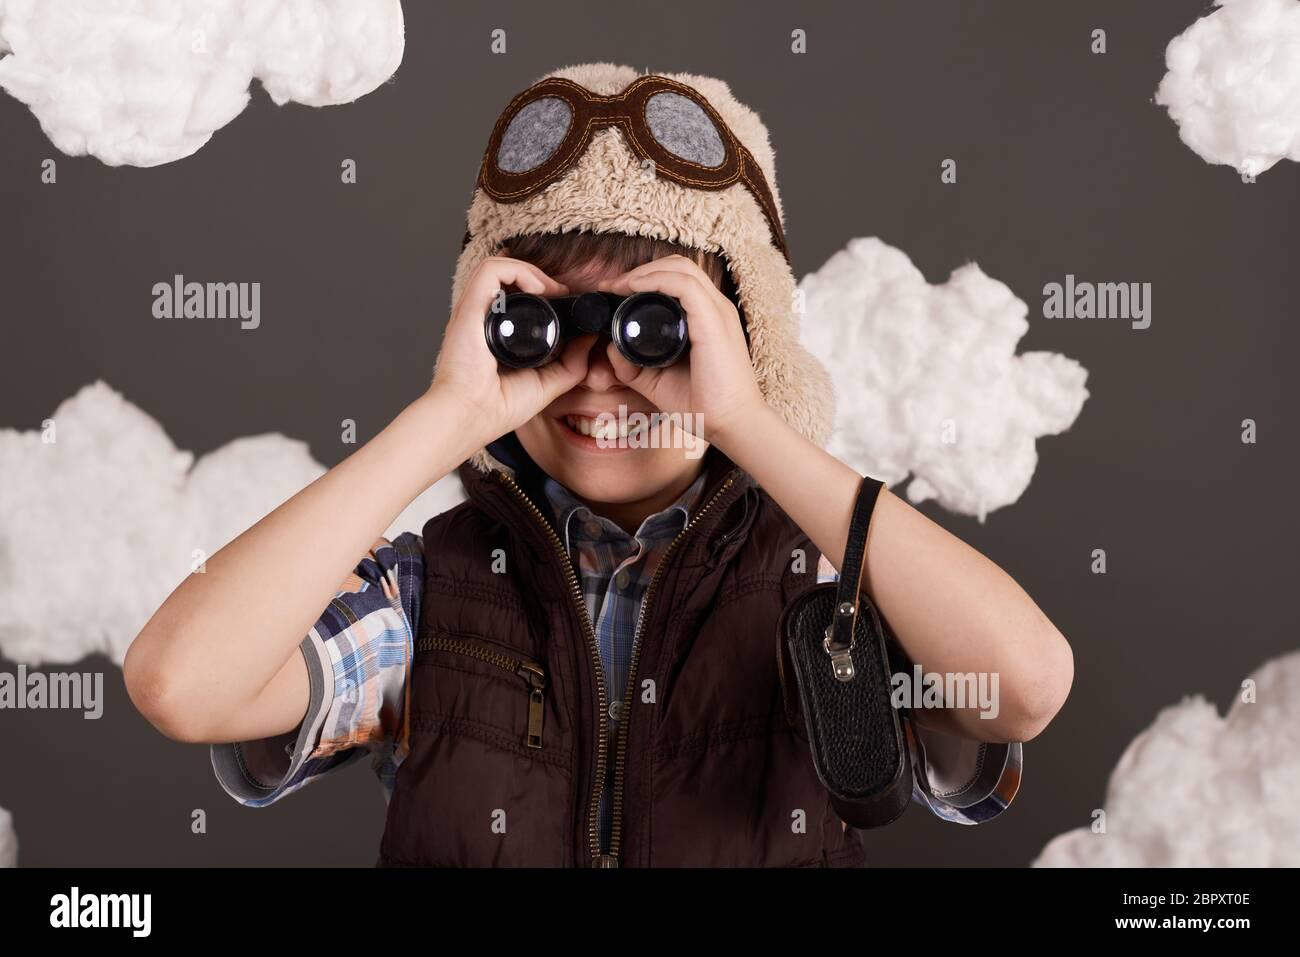 un garçon joue avec des jumelles et rêve de devenir pilote, habillé dans une veste rétro et un casque avec des lunettes, des nuages de laine de coton, un dos gris Banque D'Images